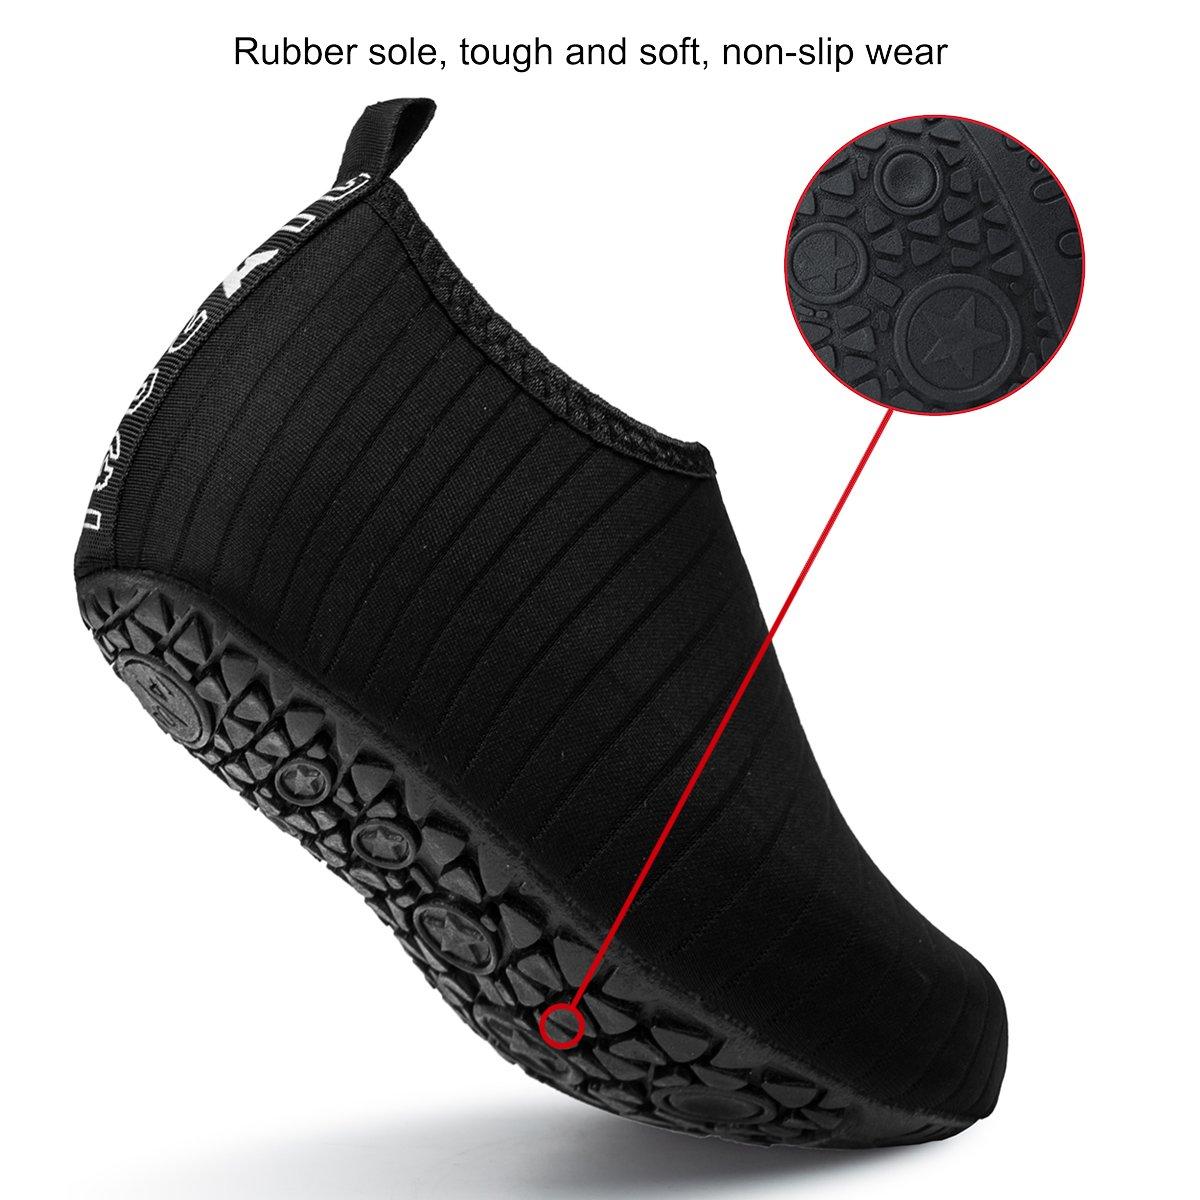 JIASUQI Mens Athletic Beach Walking Sandals Water Skin Shoes Black US 7.5-8.5 Women, 6.5-7.5 Men by JIASUQI (Image #5)